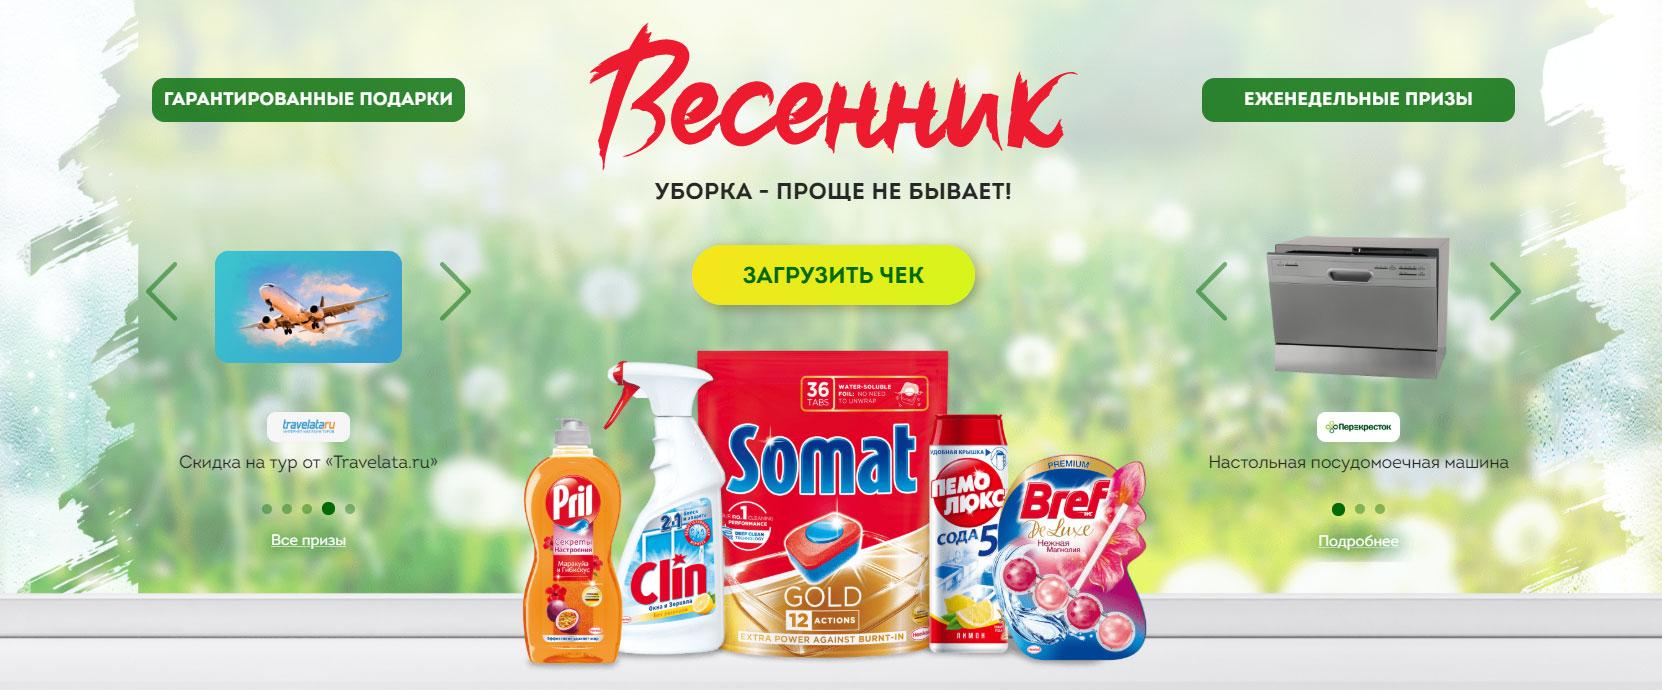 Акция Henkel в Пятёрочке, Перекрёстке, Улыбка Радуги «Весенник»